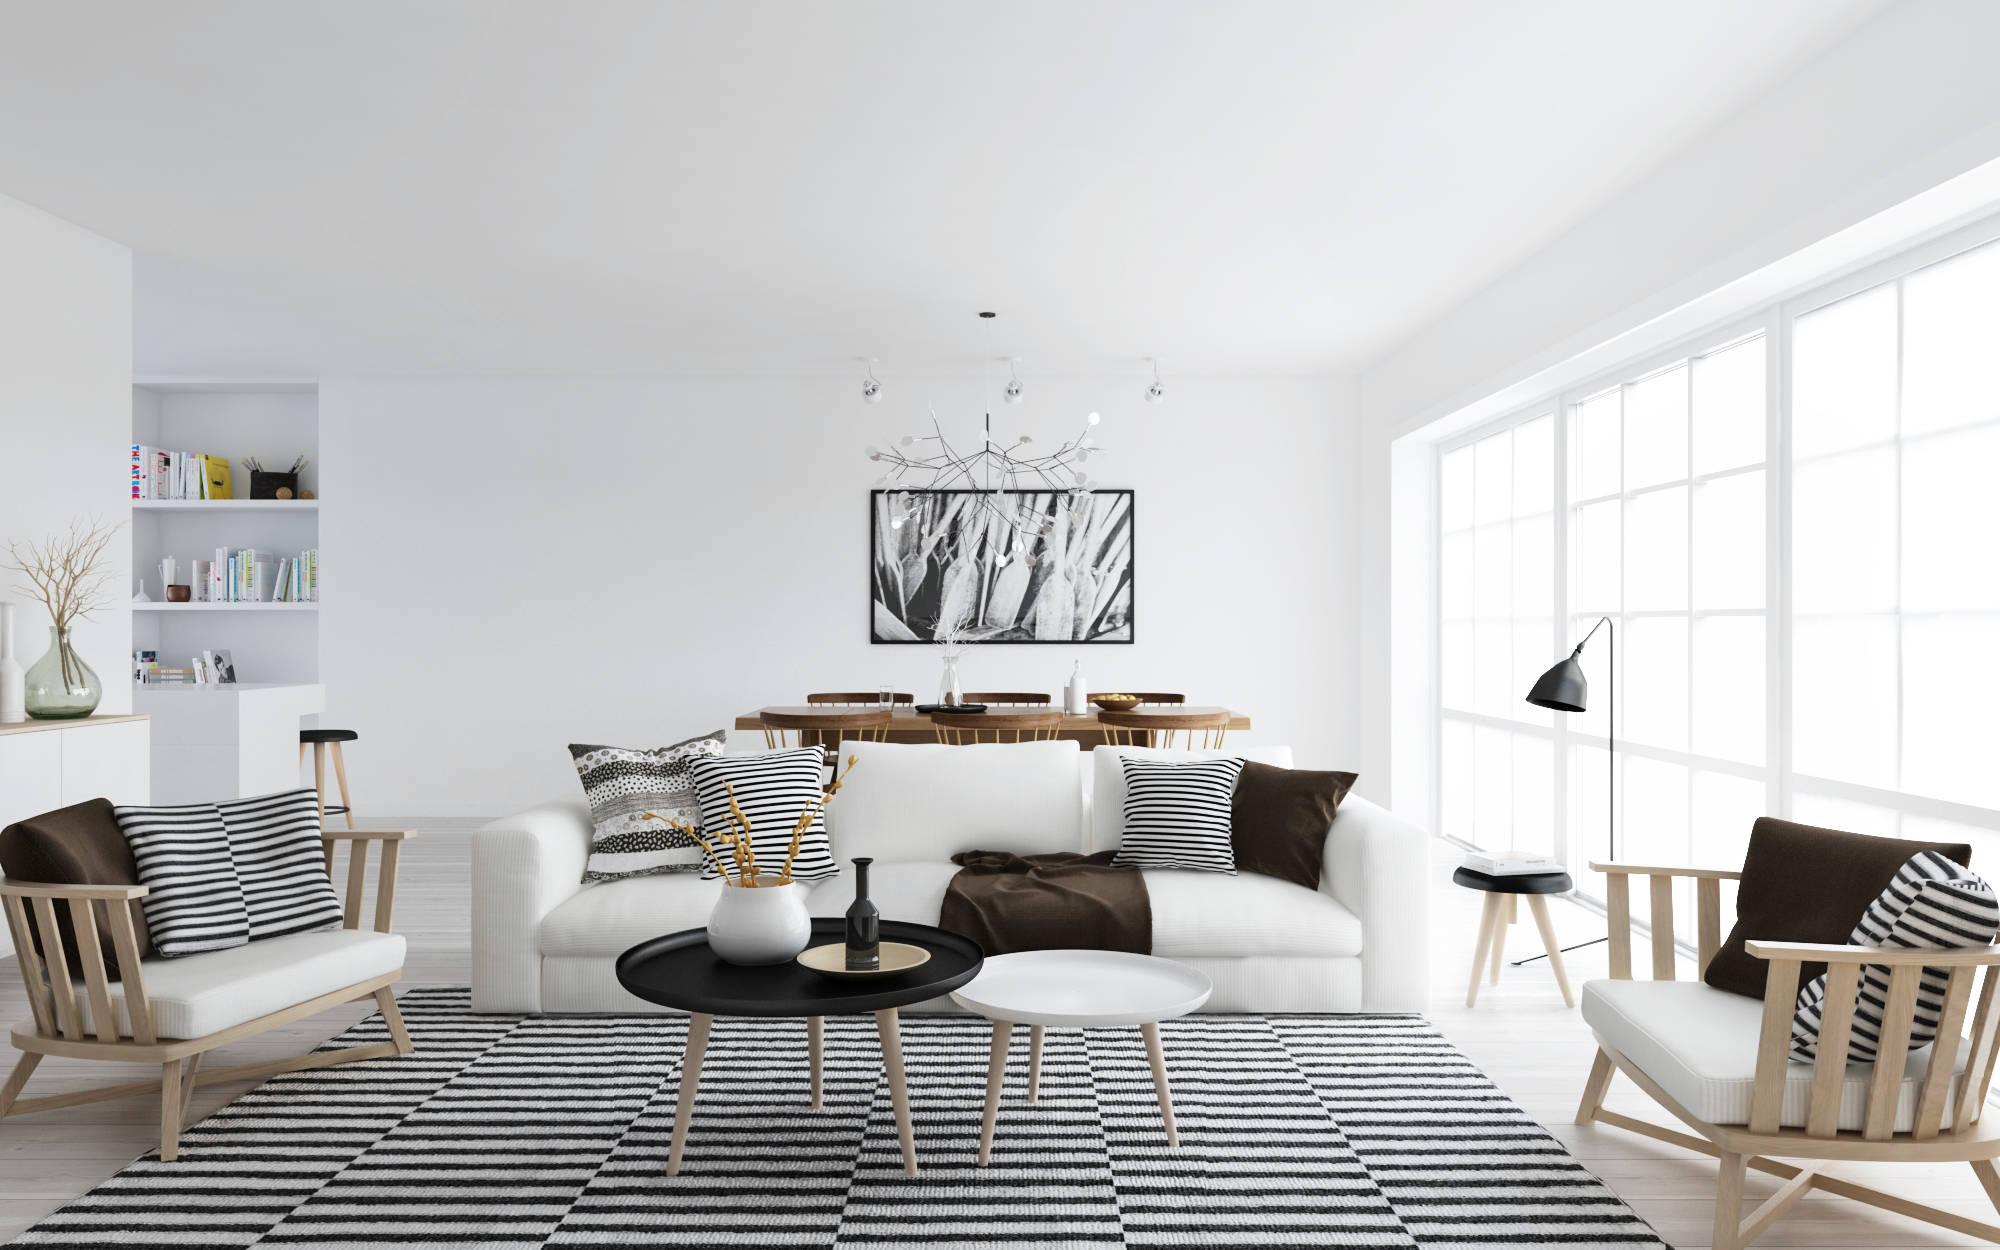 Designul nordic, Foto: home-designing.com